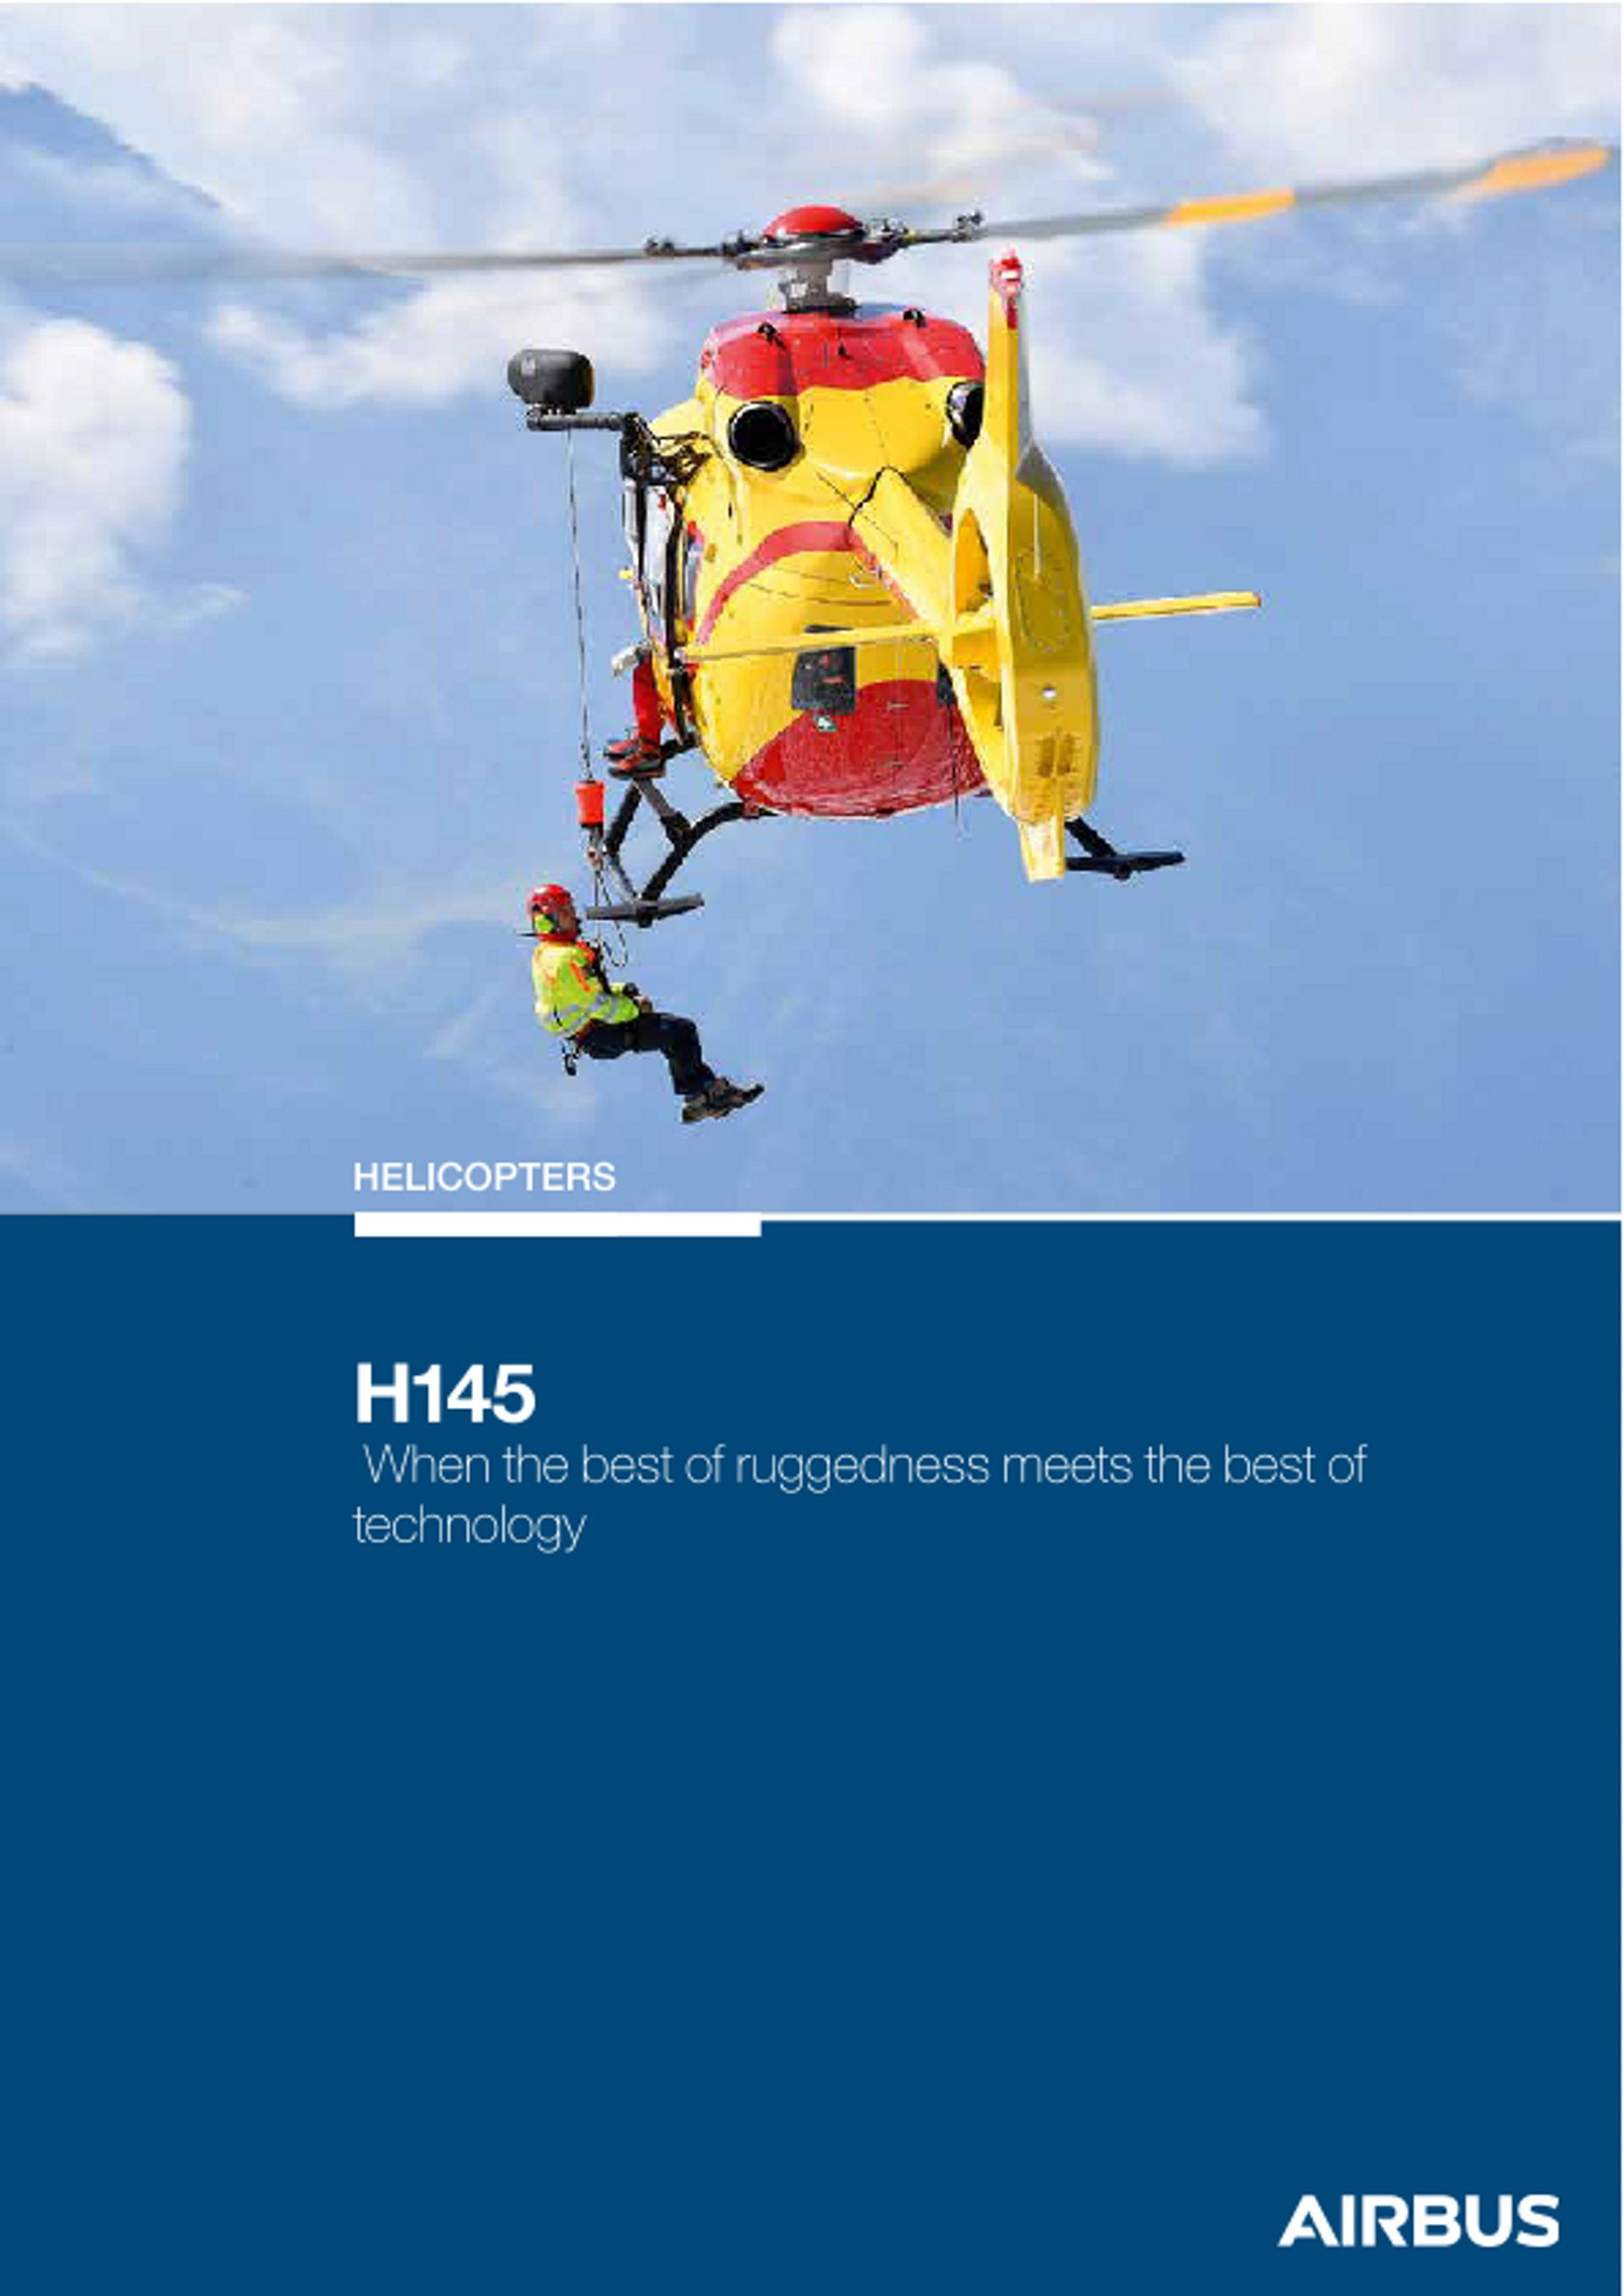 H145 Mini poster